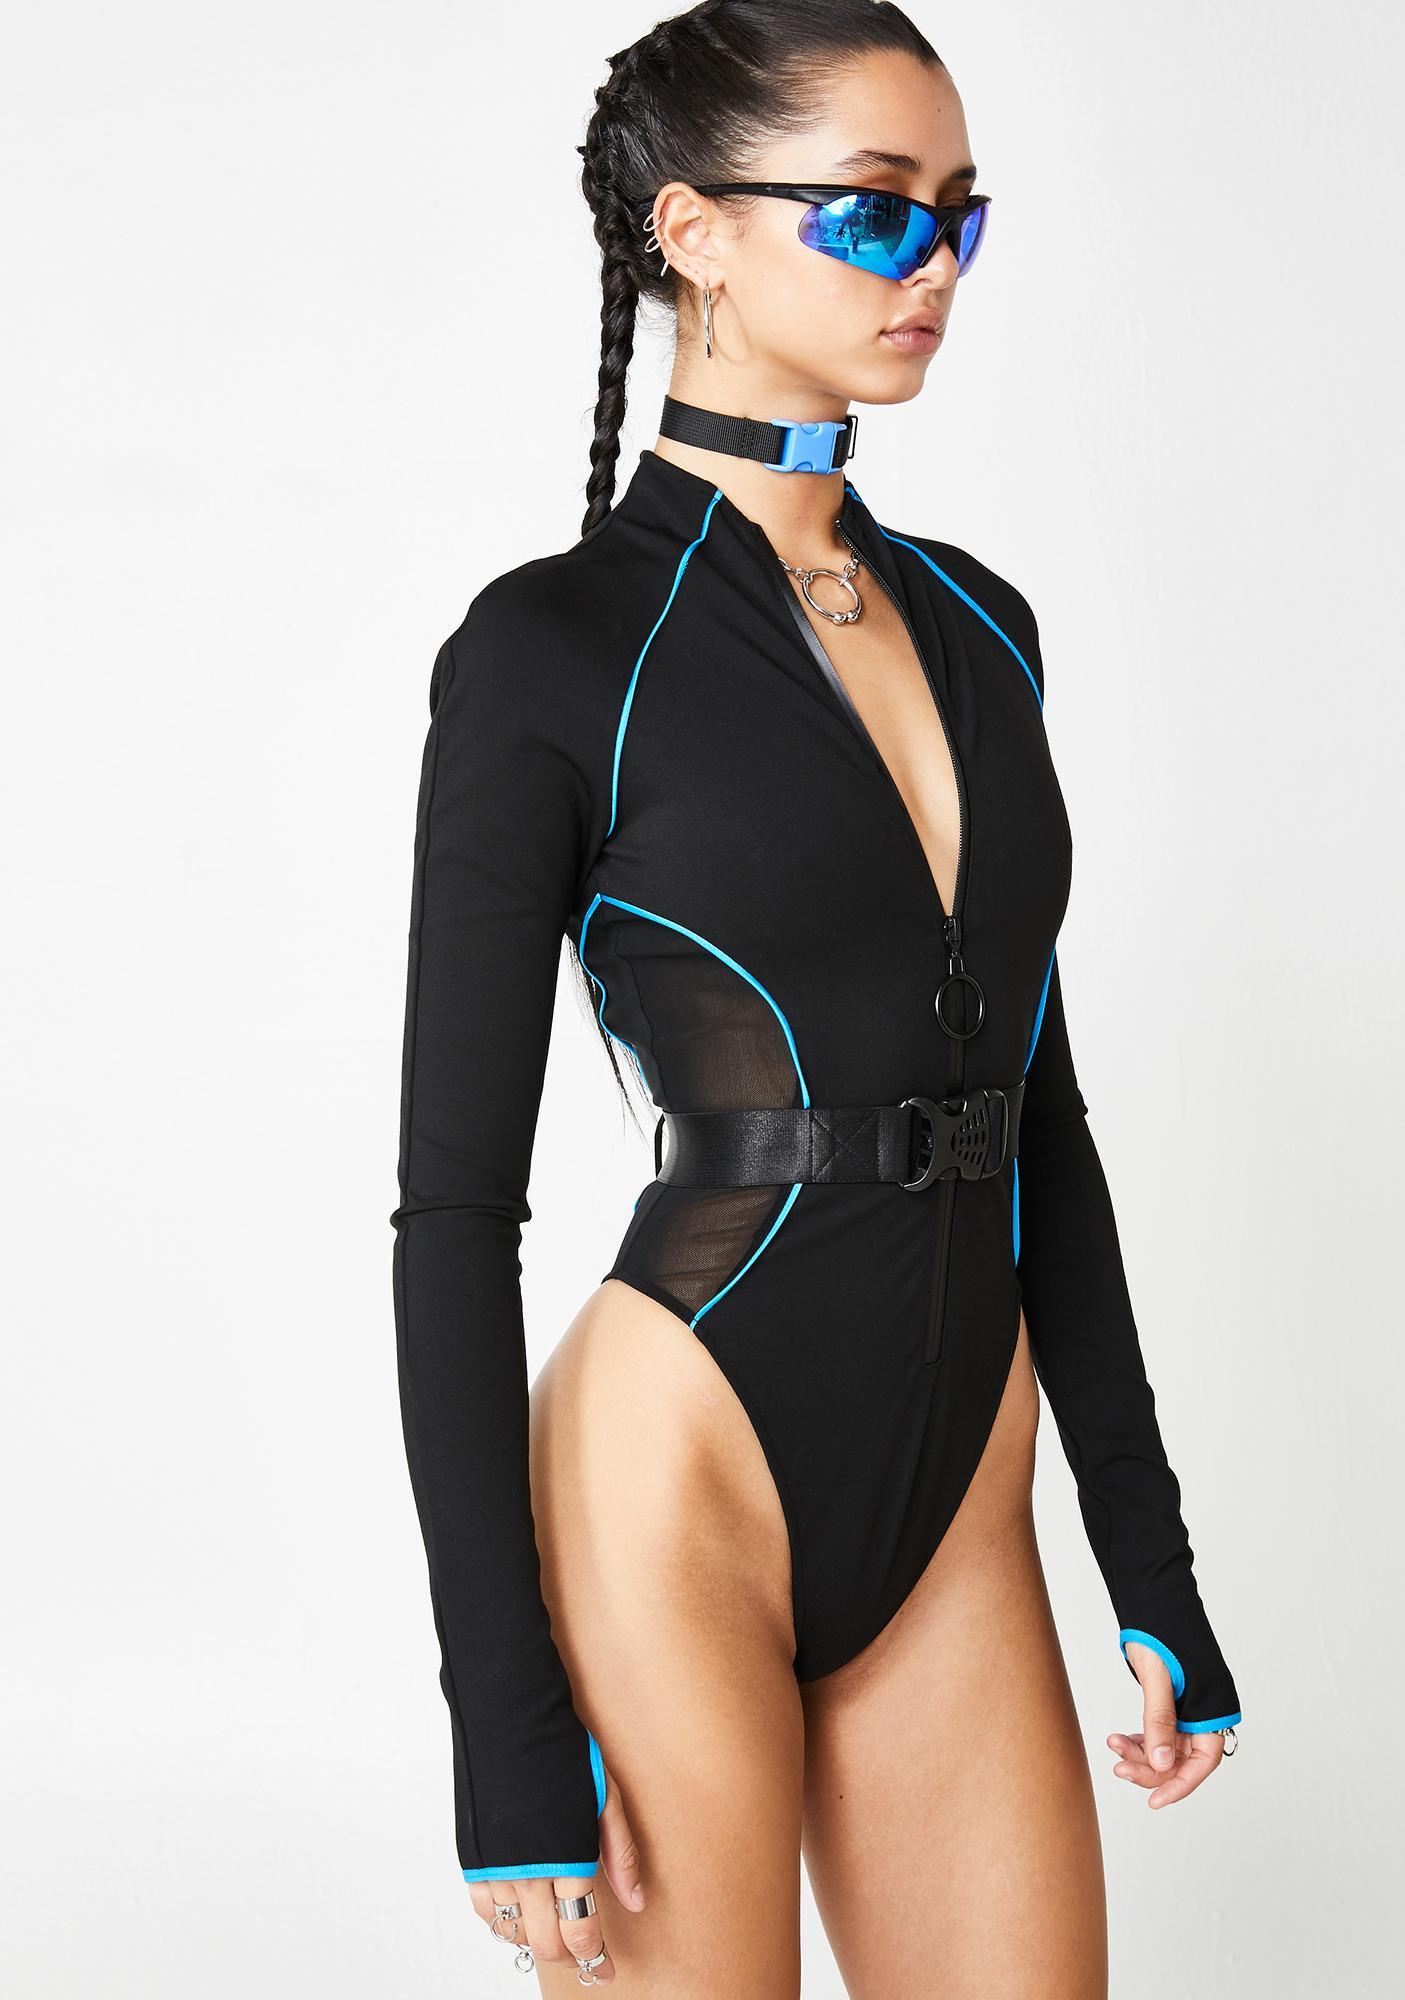 Poster Grl Executive Suite Zip Up Bodysuit